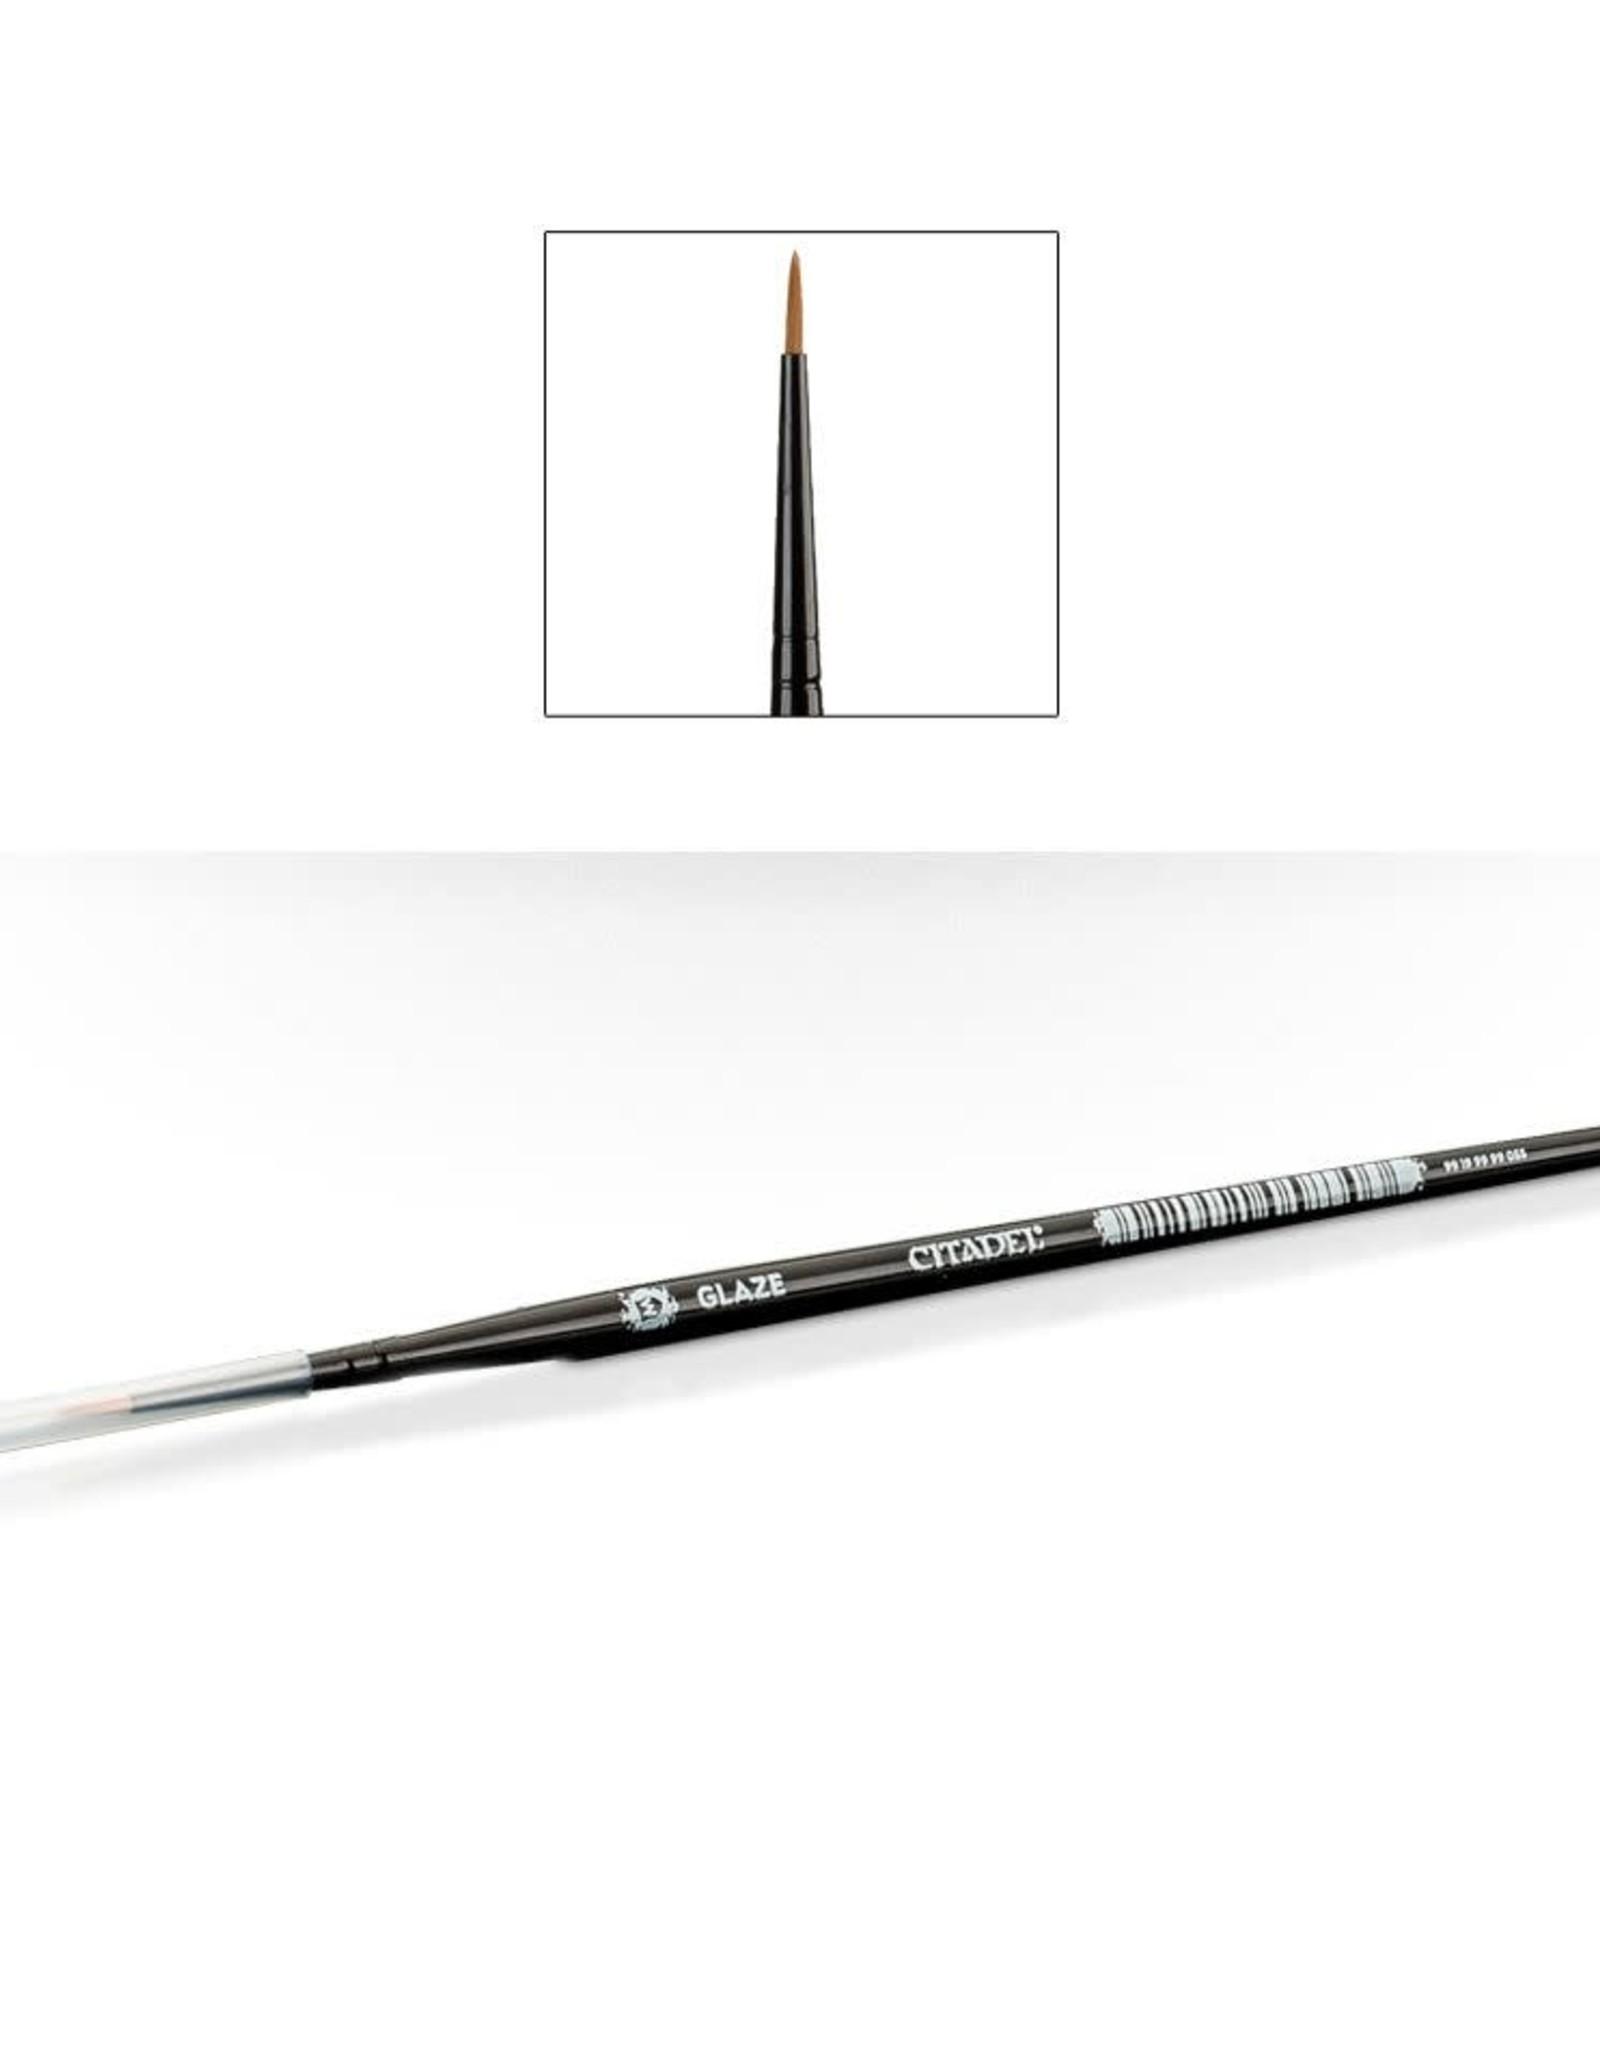 Citadel Brush: Medium Glaze Brush